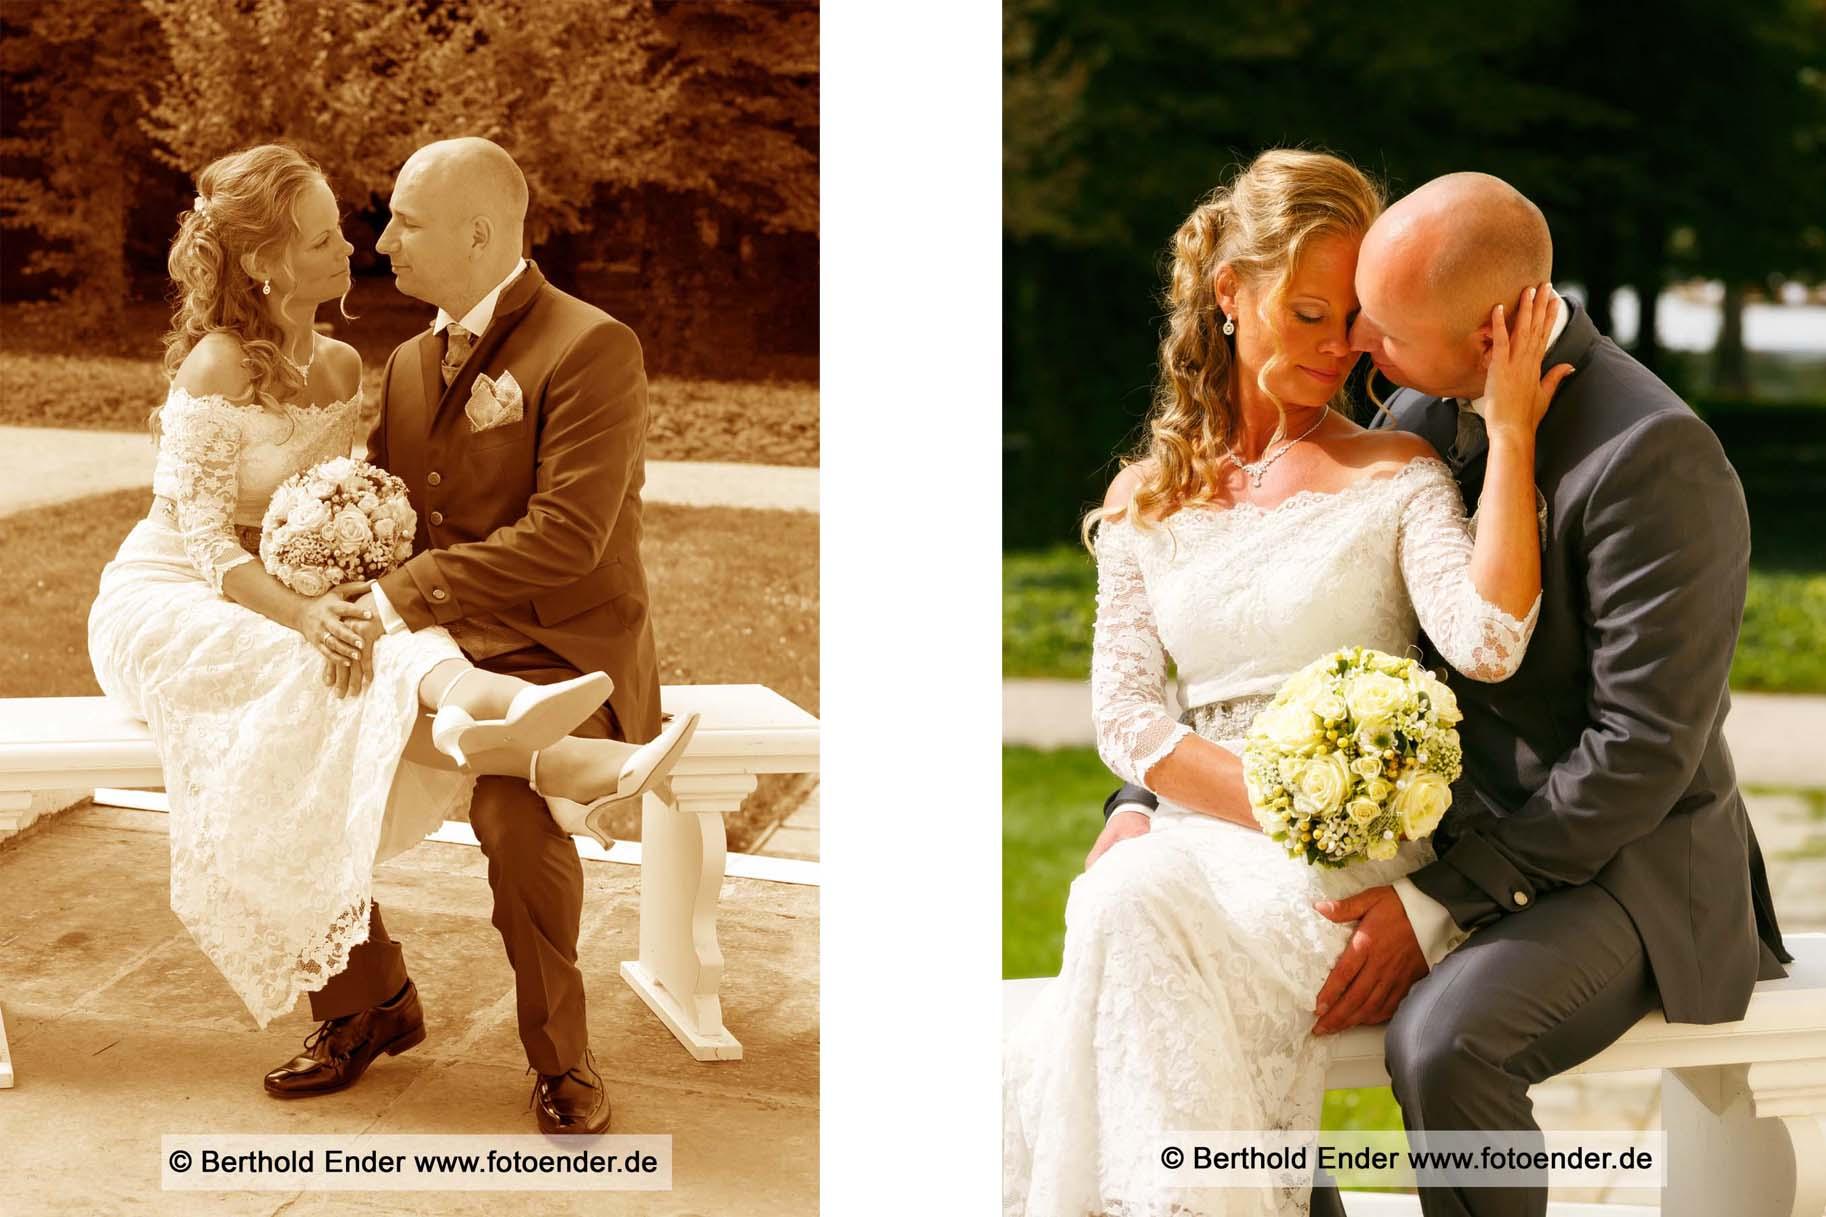 Hochzeitsfotografie im Wörlitzer Park - Fotostudio Berthold Ender